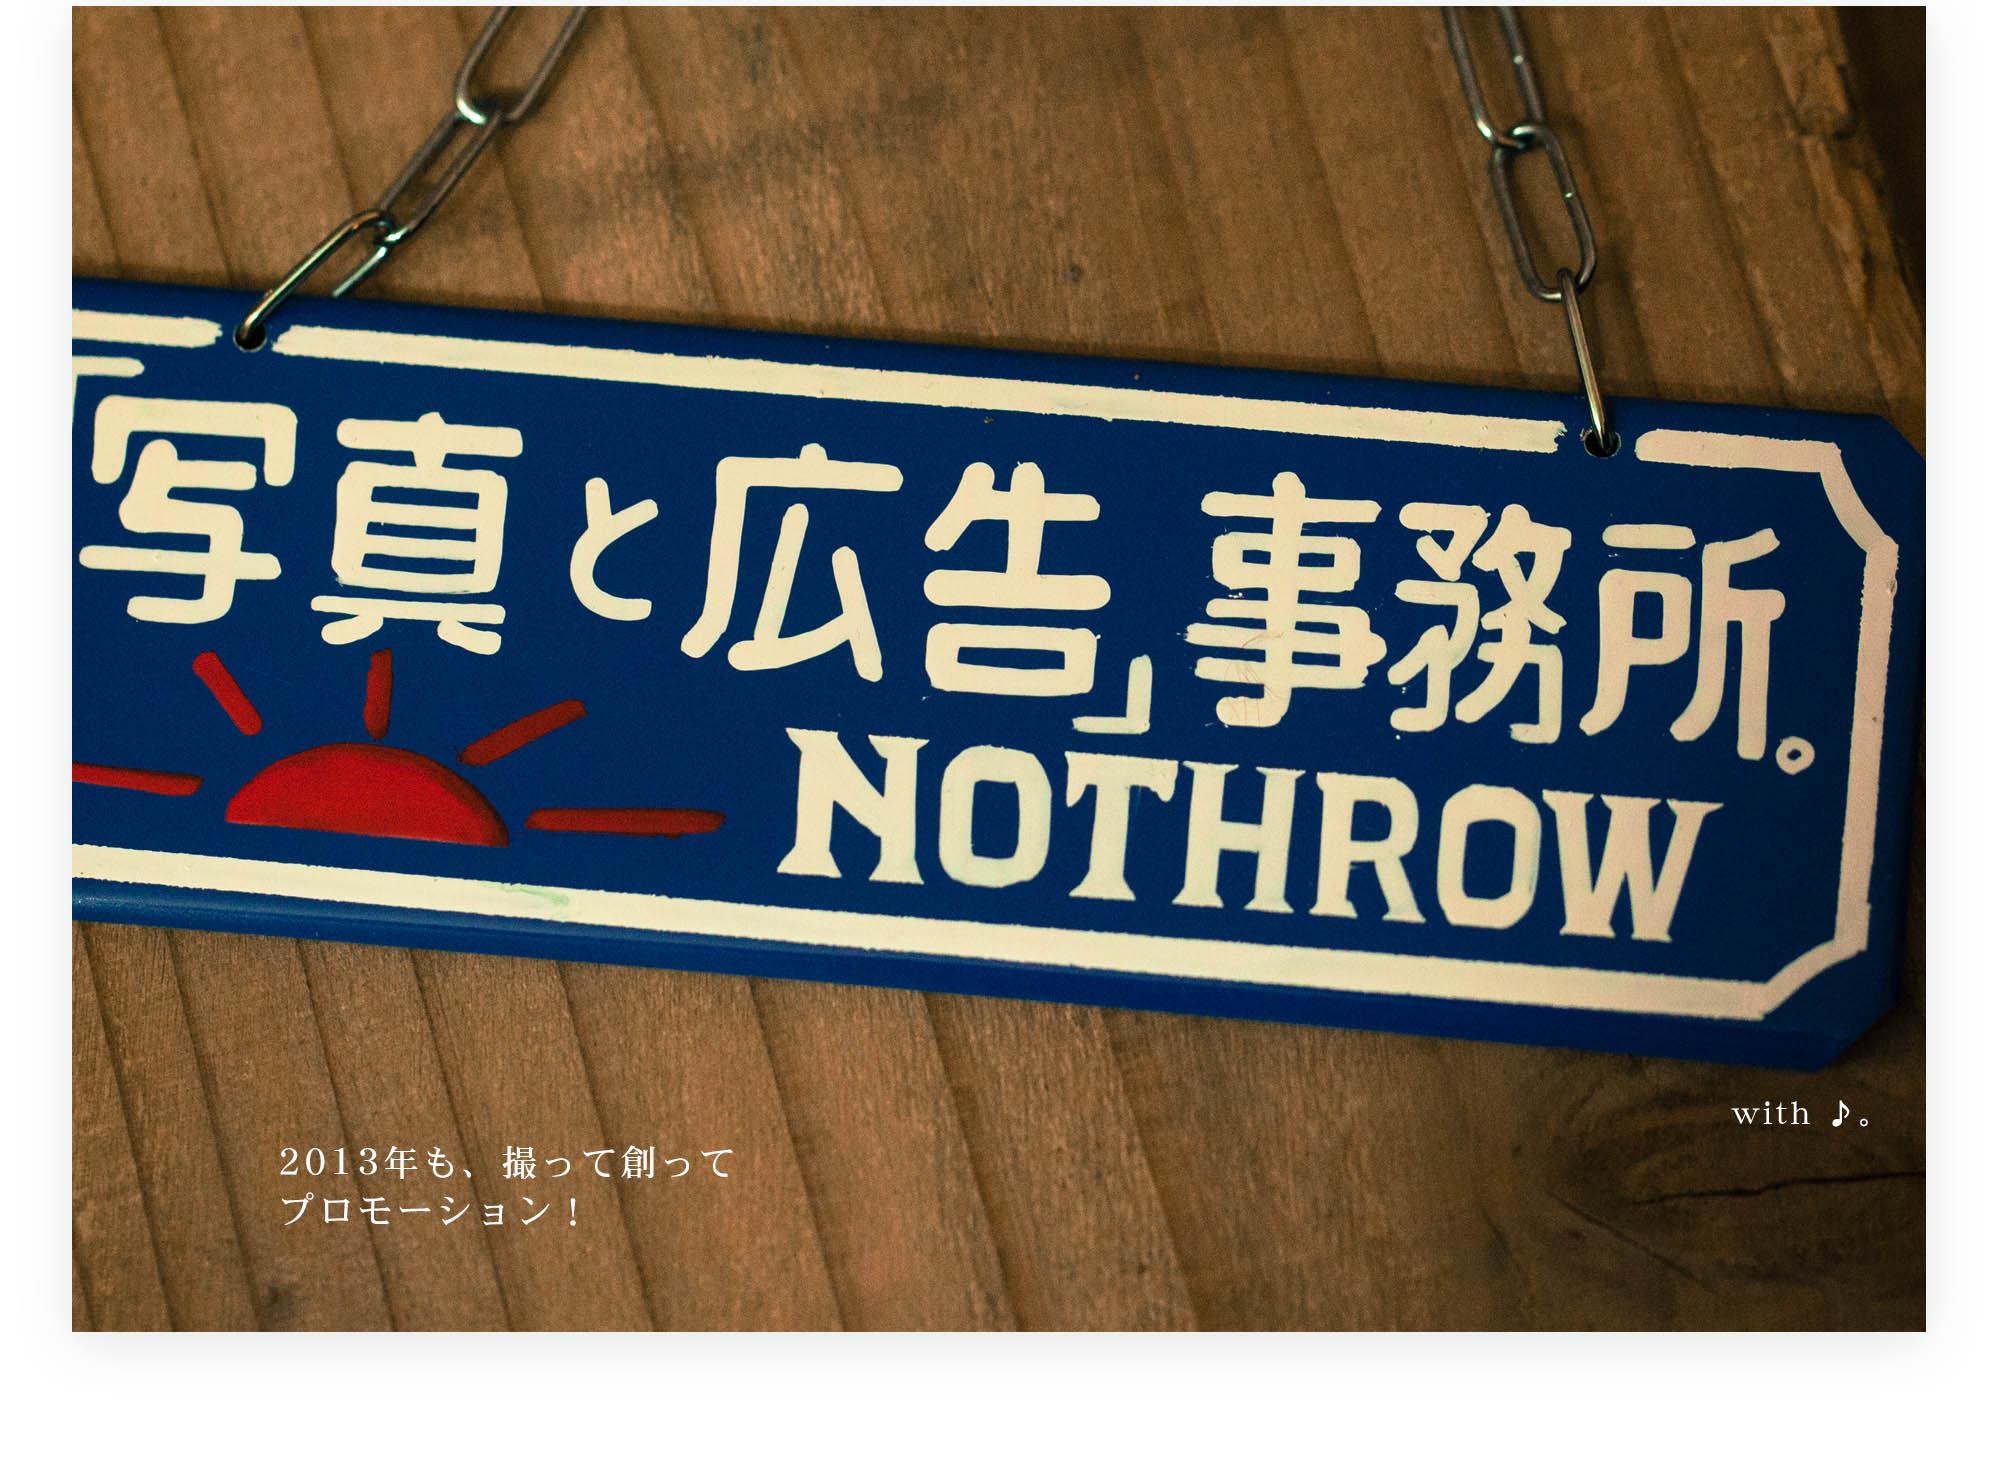 20130101_写真と広告NoThrow看板